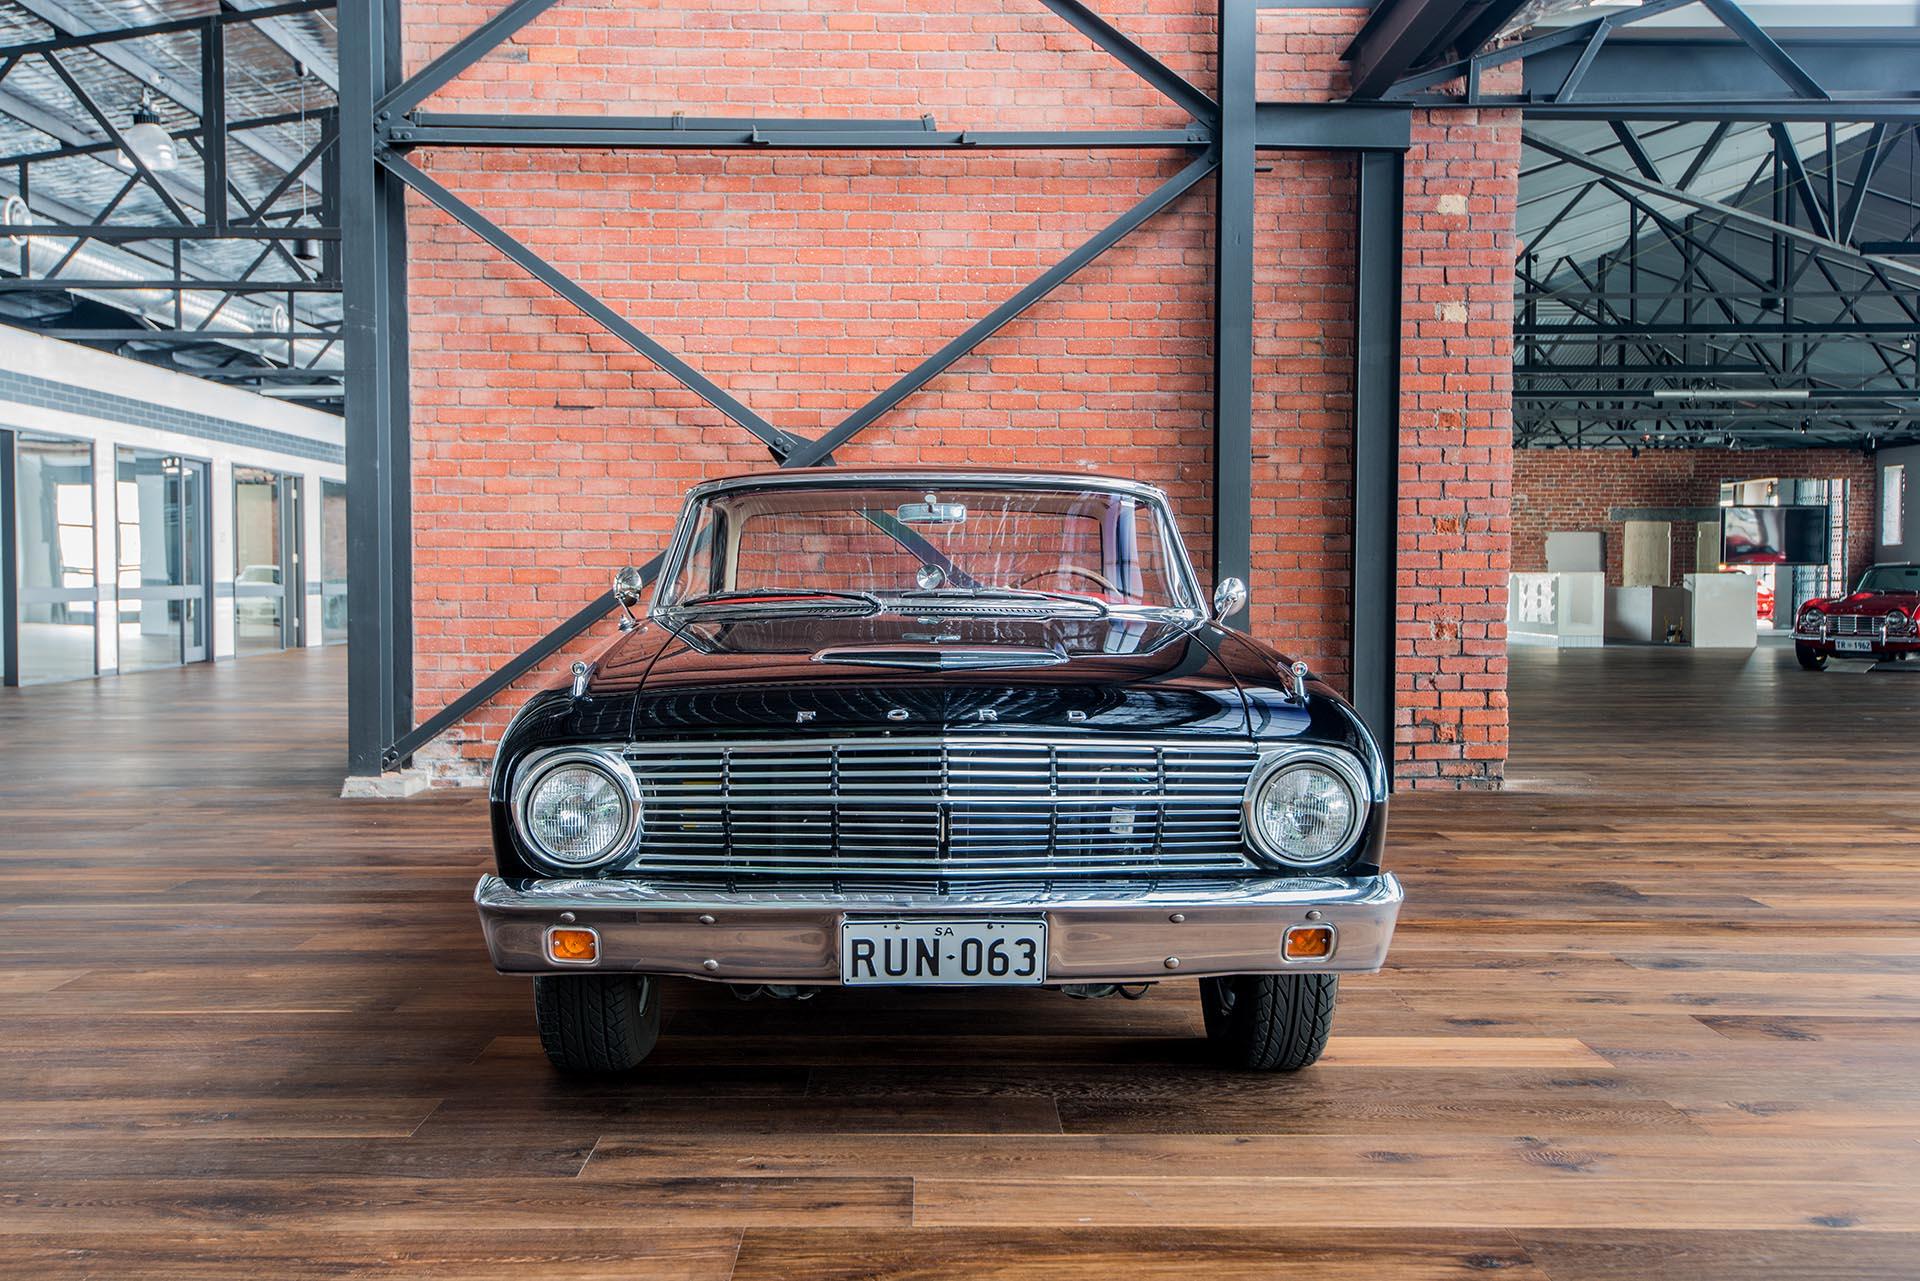 1963 Falcon Sprint - Richmonds - Classic and Prestige Cars